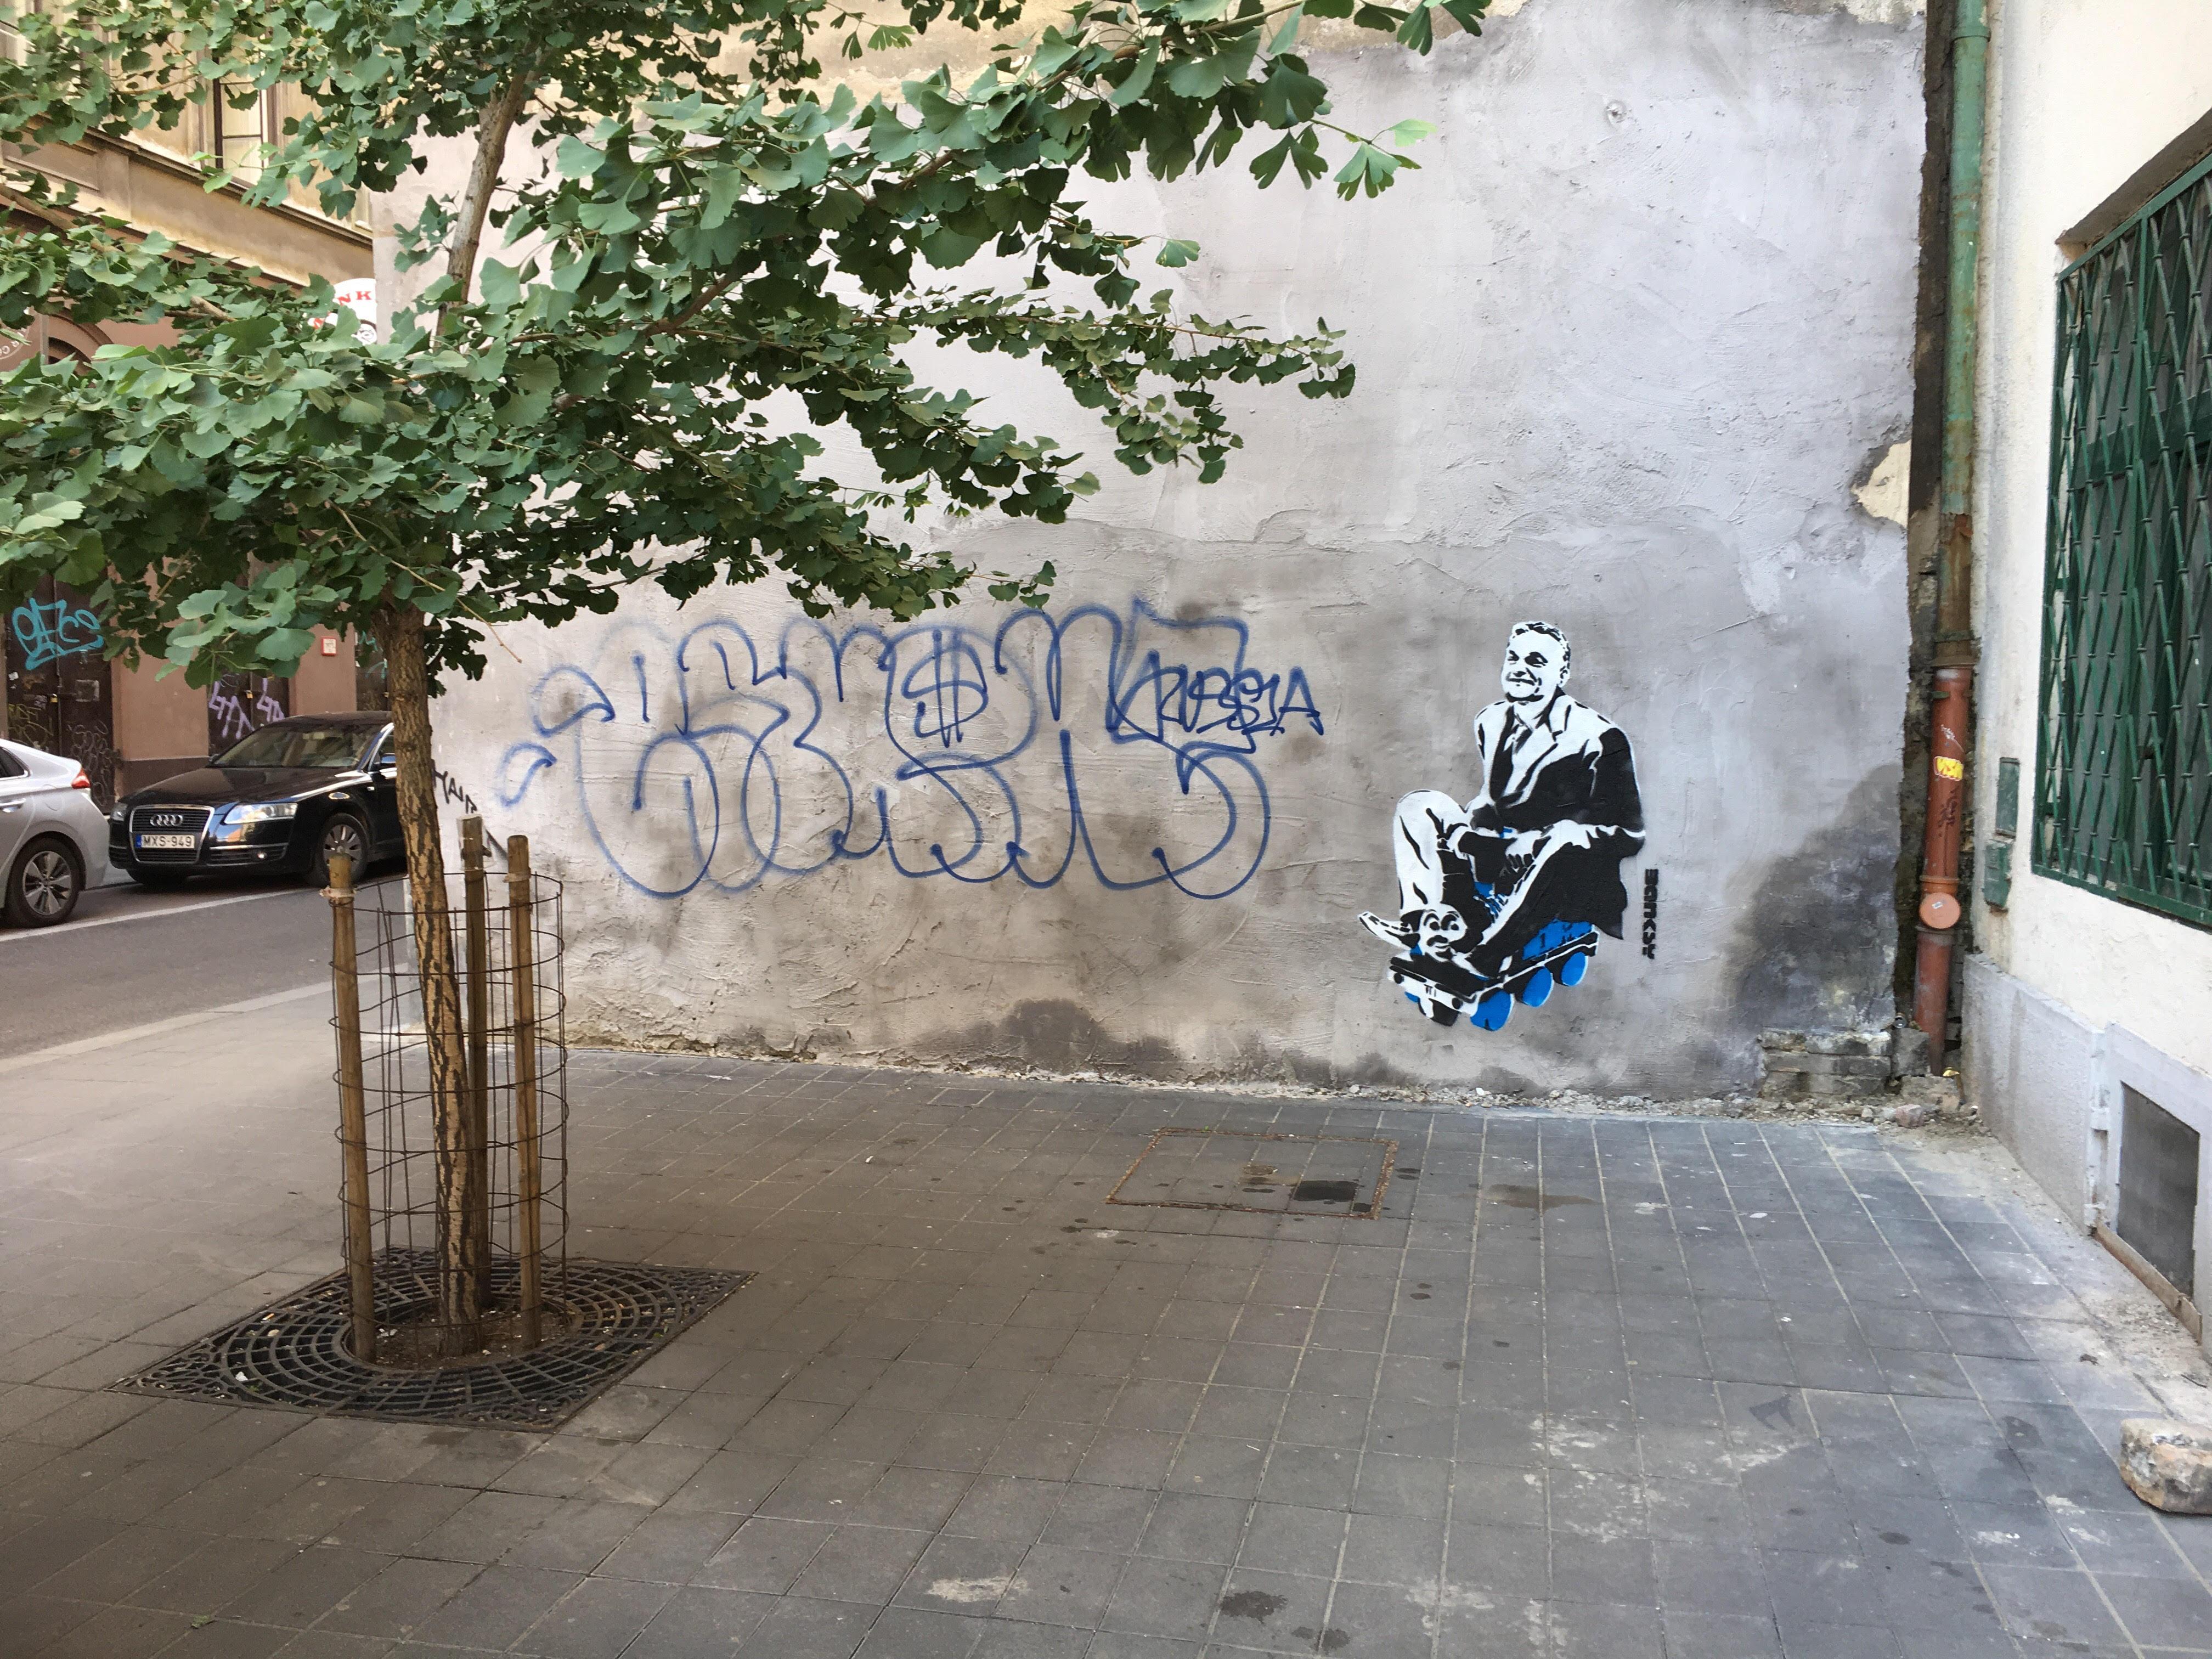 Banksy tagadja, hogy ő festette volna a vonatos Orbánt a Dob utca sarkára